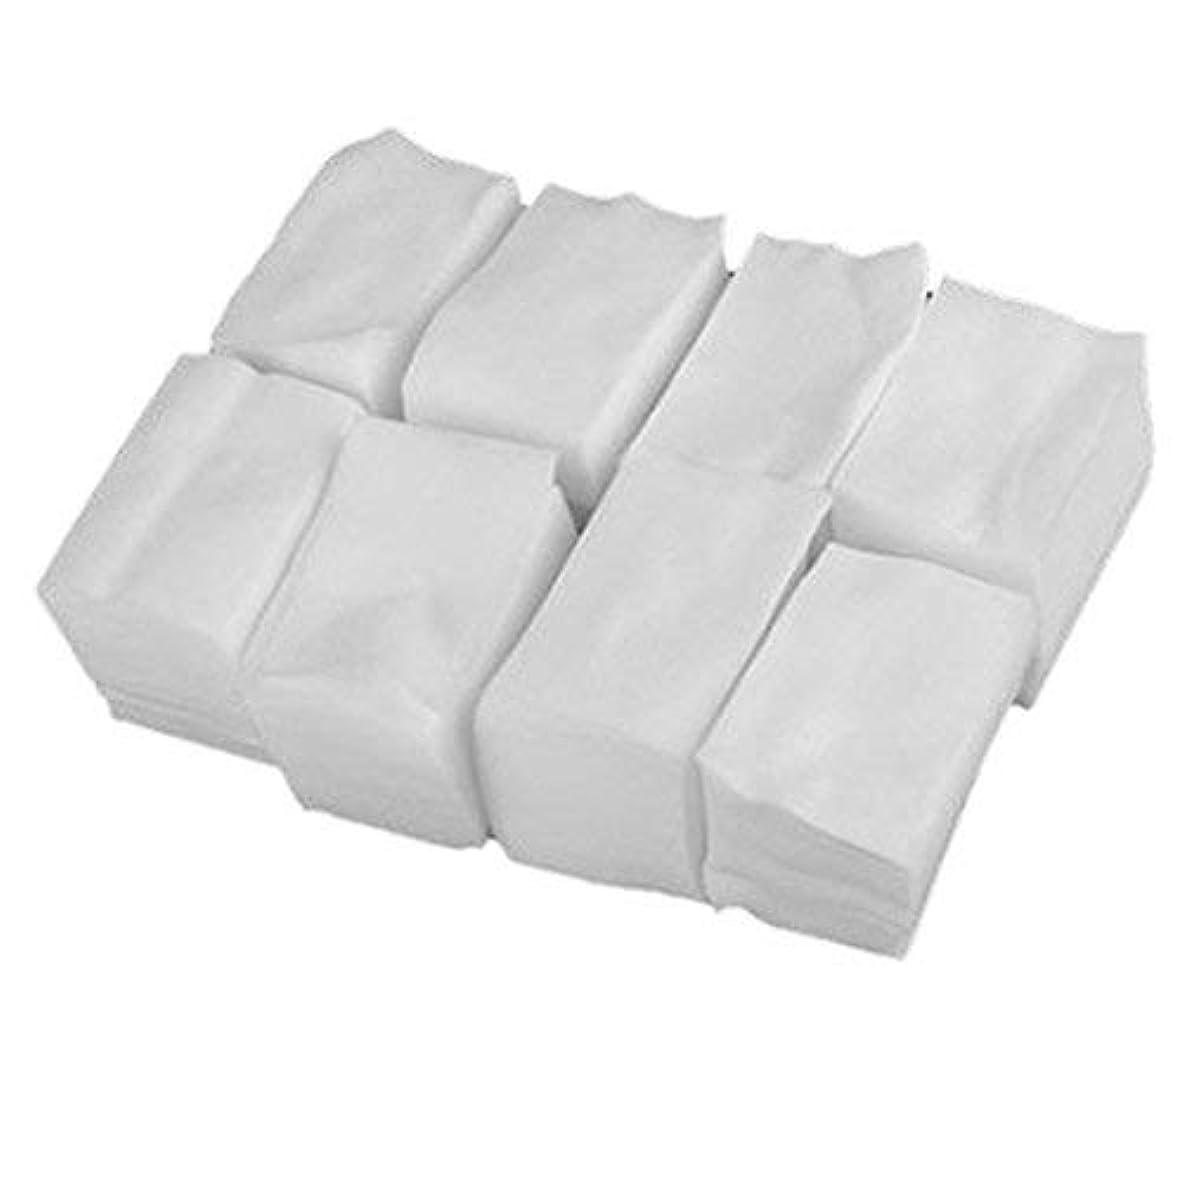 条件付き感動する個人的な1st market プレミアム 人気 900x白いリントフリーネイルアート ワイプ紙パッド ゲルアクリルのヒント ポリッシュリムーバークリーナー(6cm x 5cm) 便利